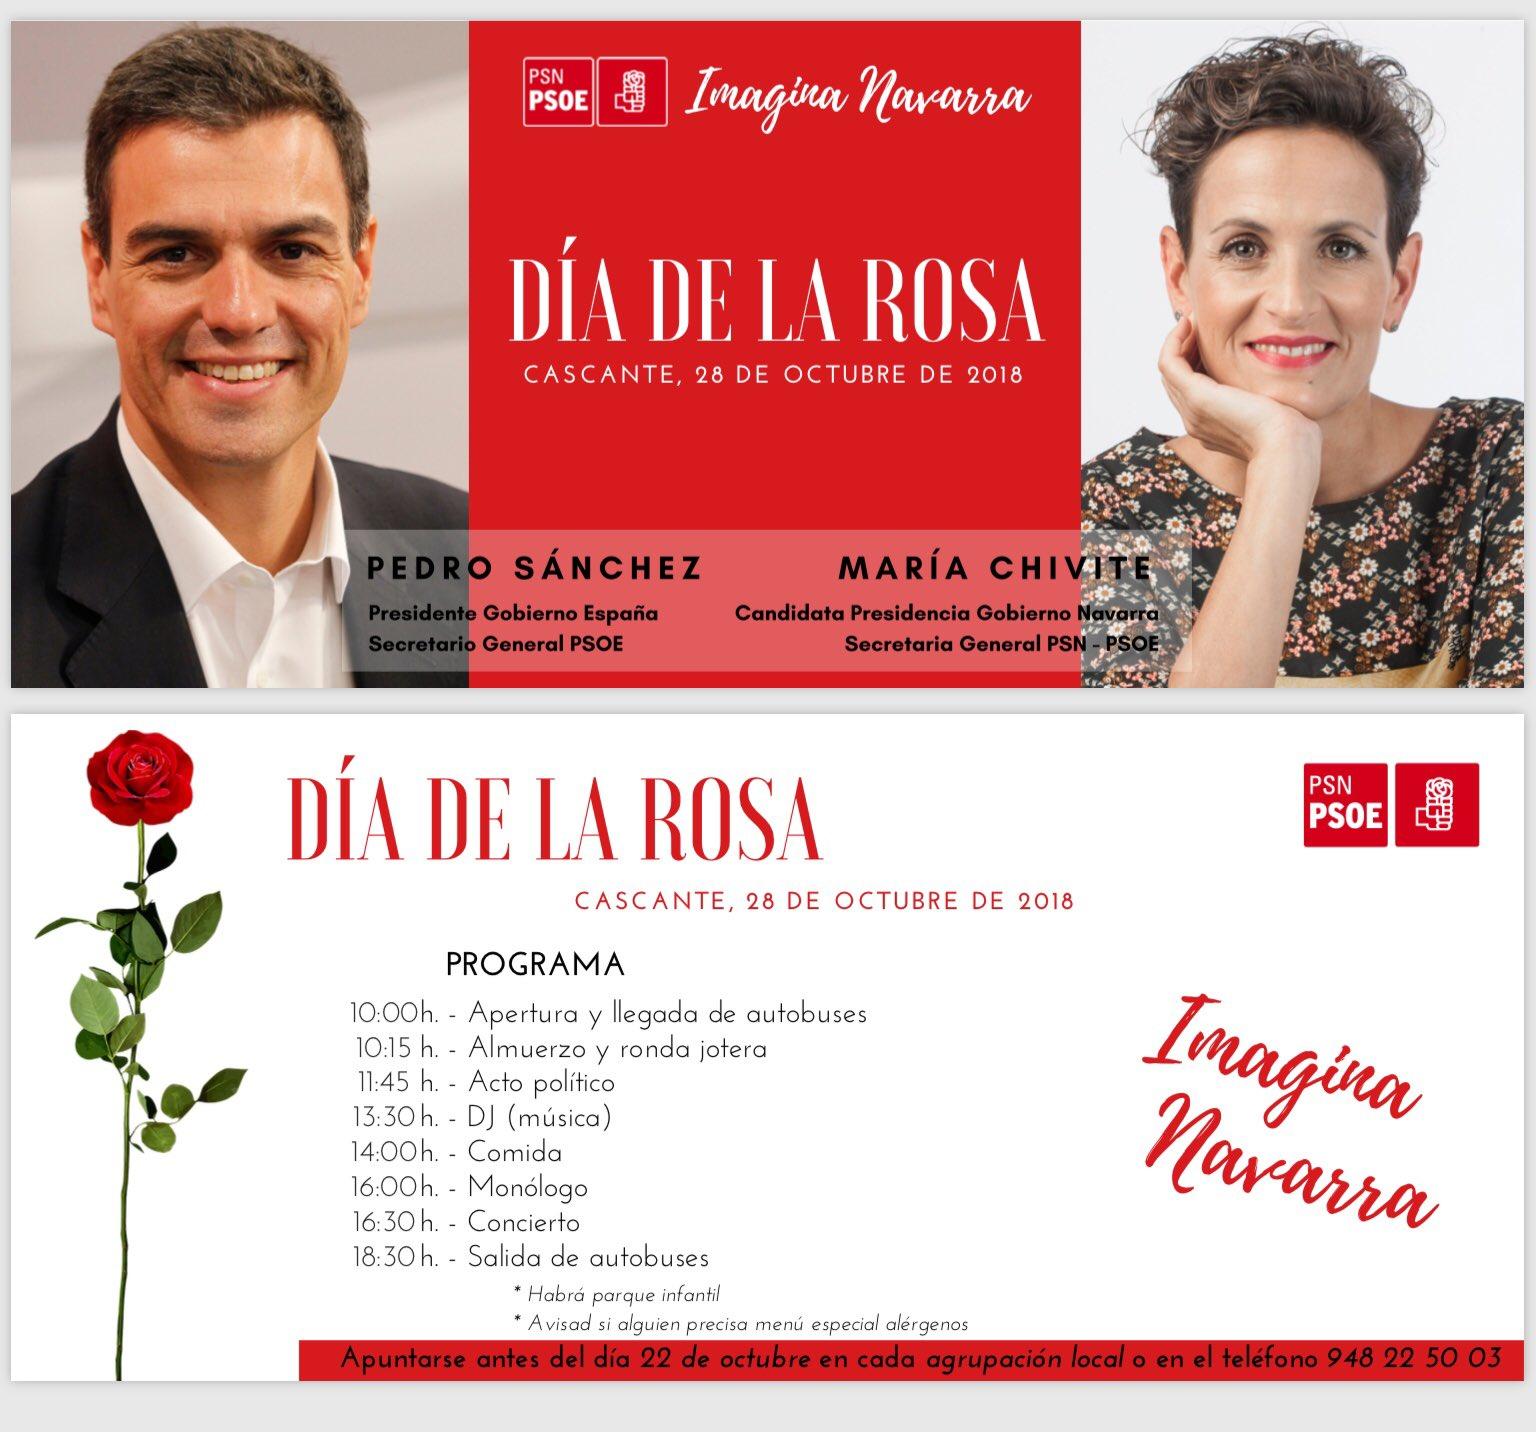 Día de la Rosa PSN-PSOE 2018